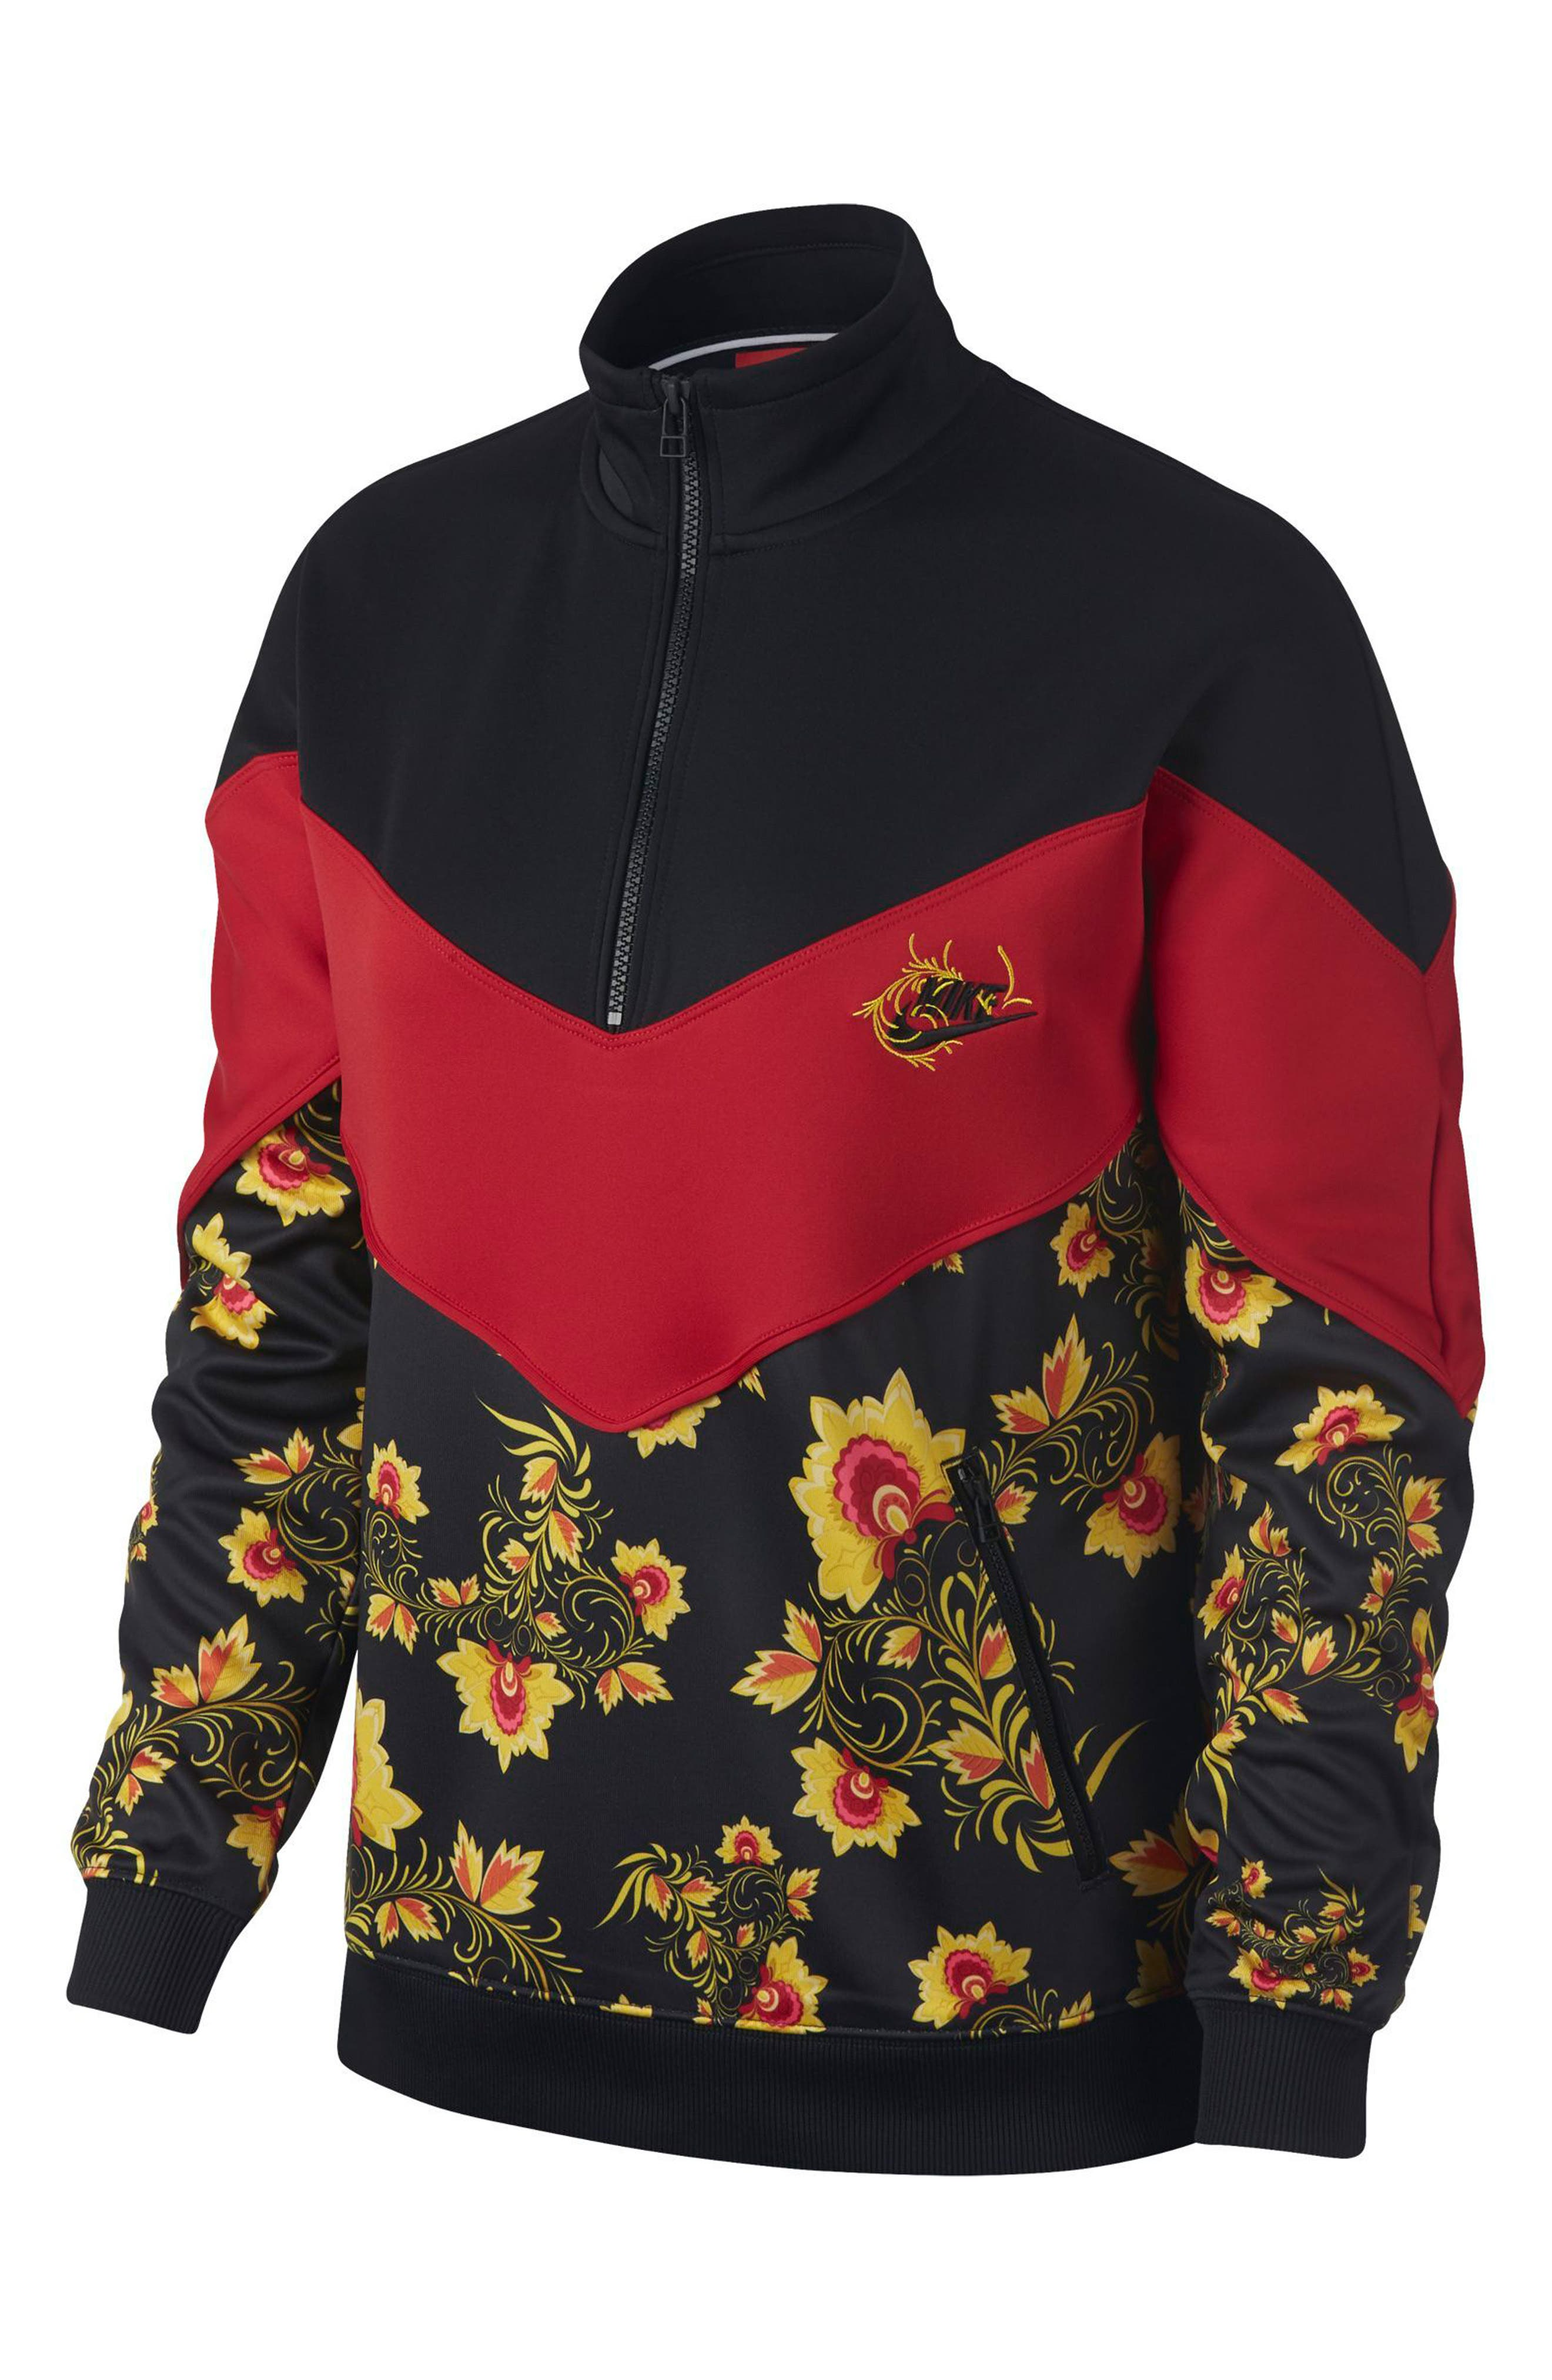 Nike Sportswear Women's Half Zip Jacket